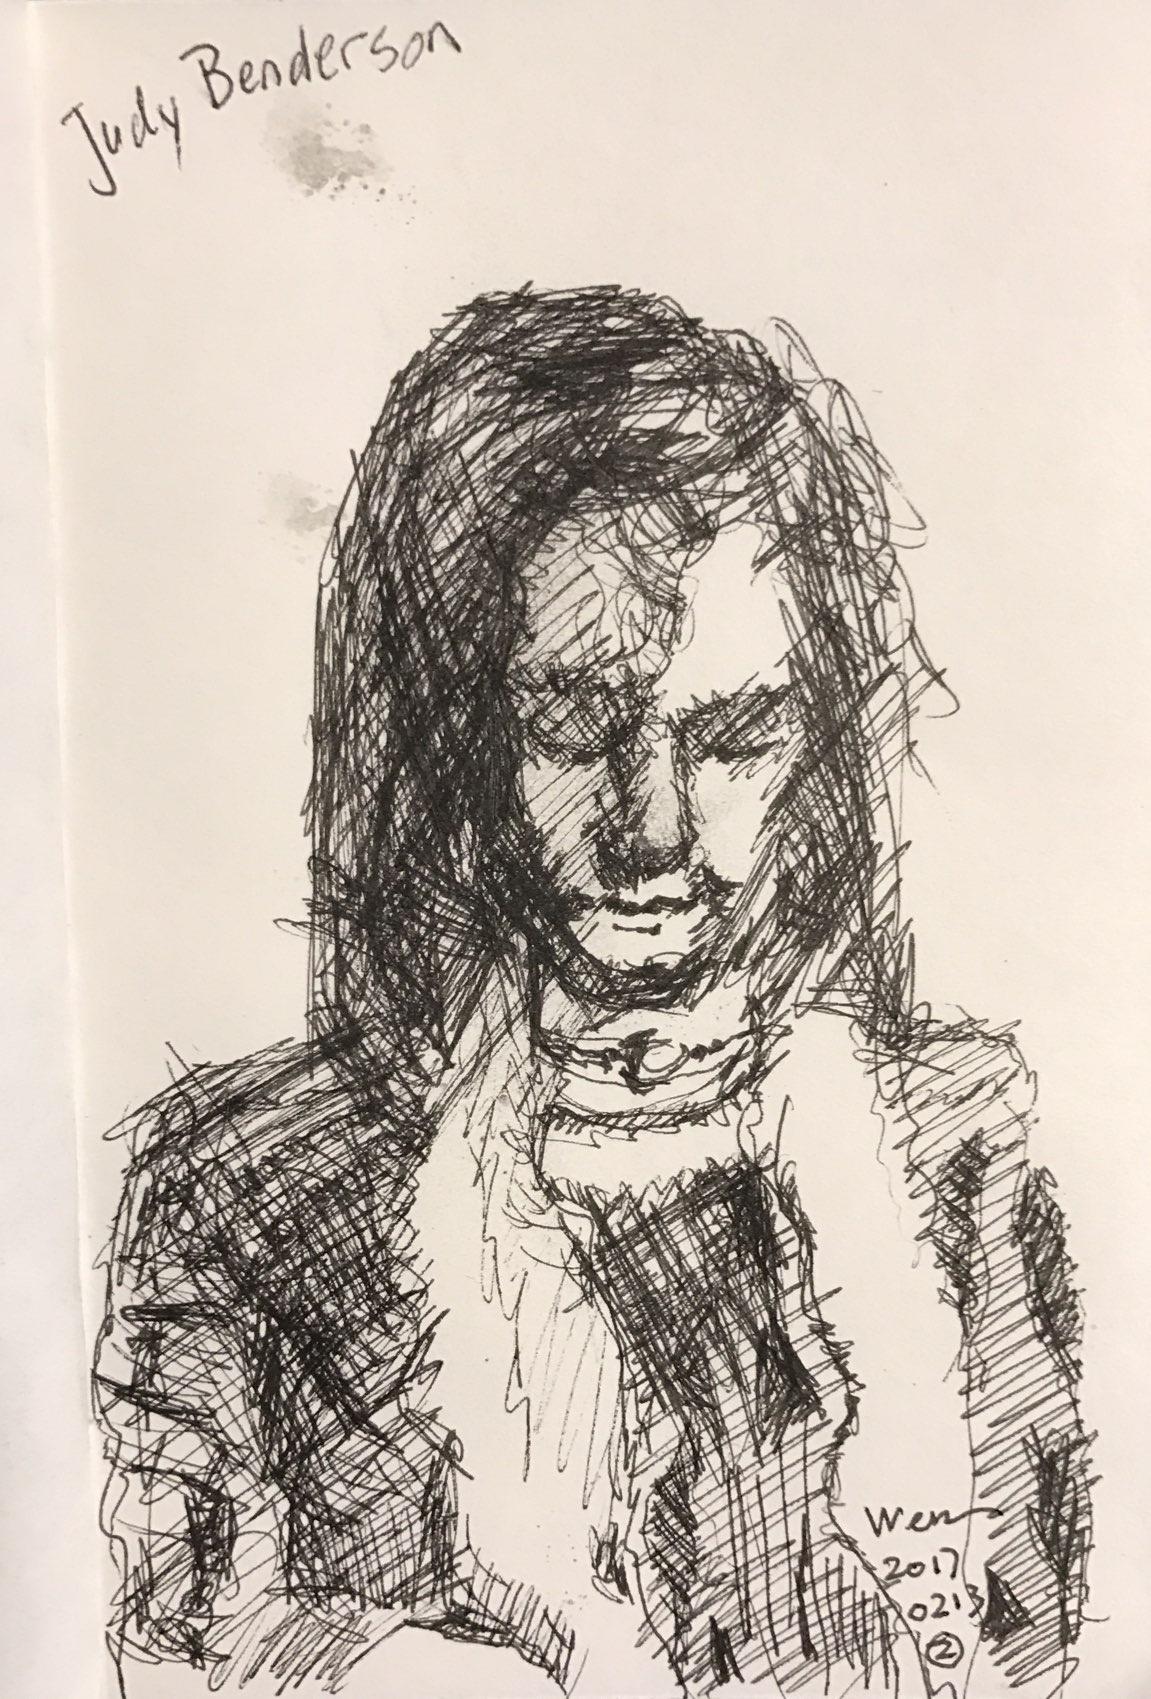 https://0901.nccdn.net/4_2/000/000/076/de9/sketche47-1151x1699.jpg